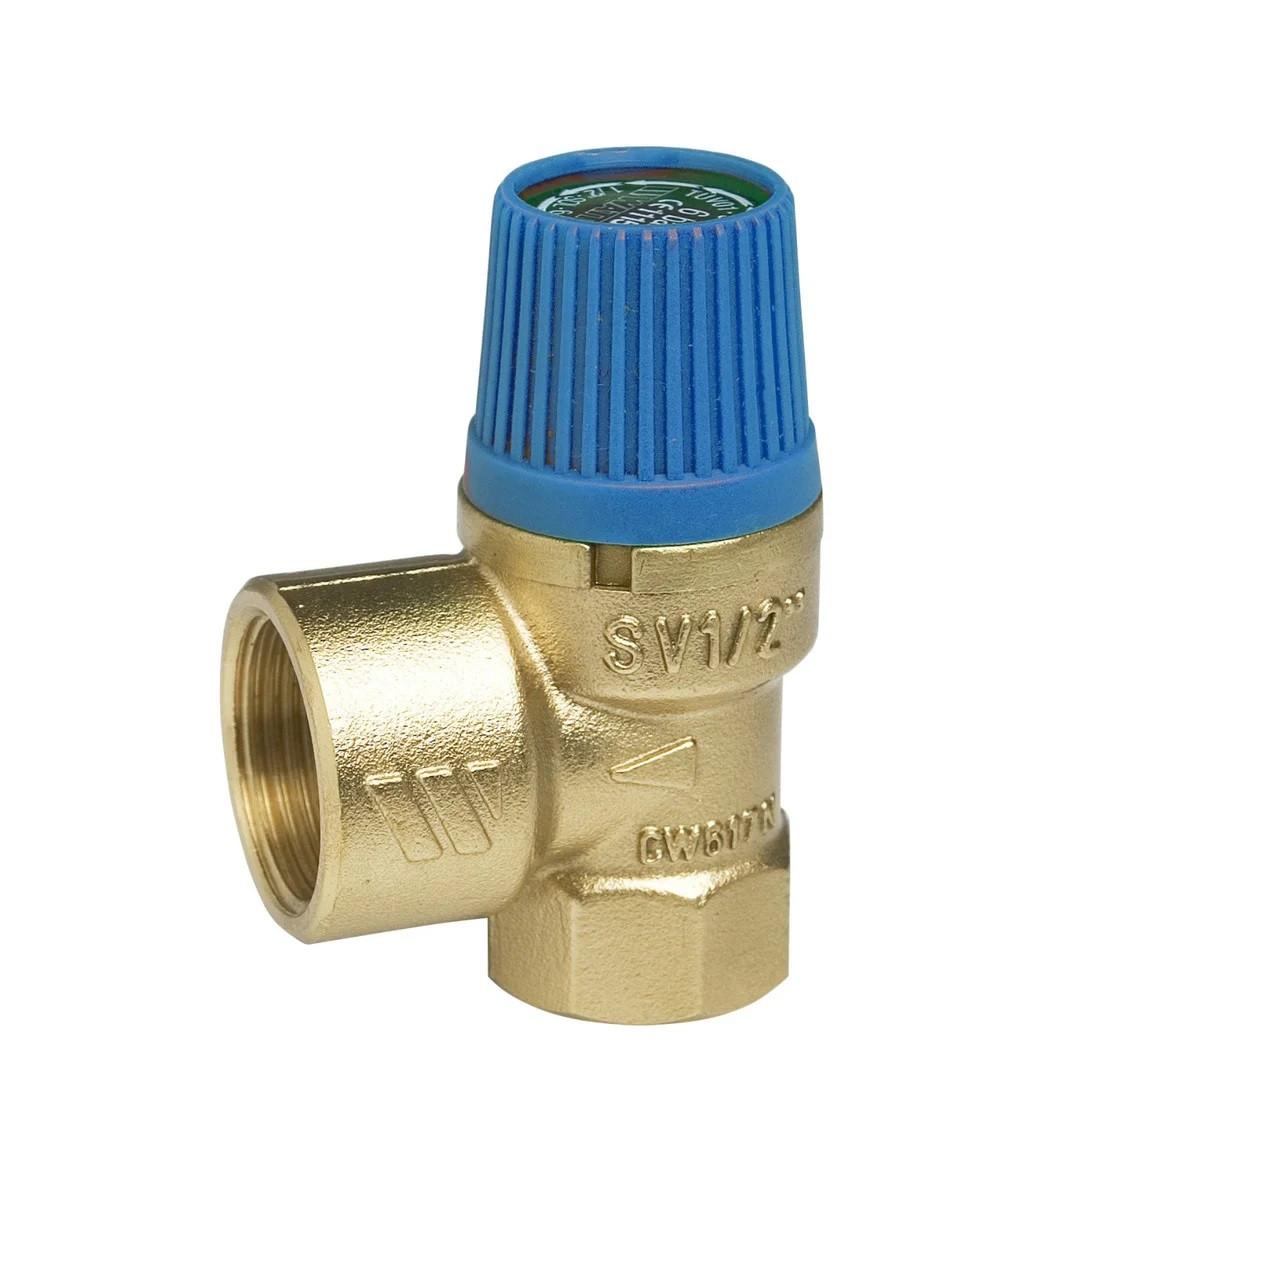 Предохранительный клапан Watts SVW 4 bar 1/2